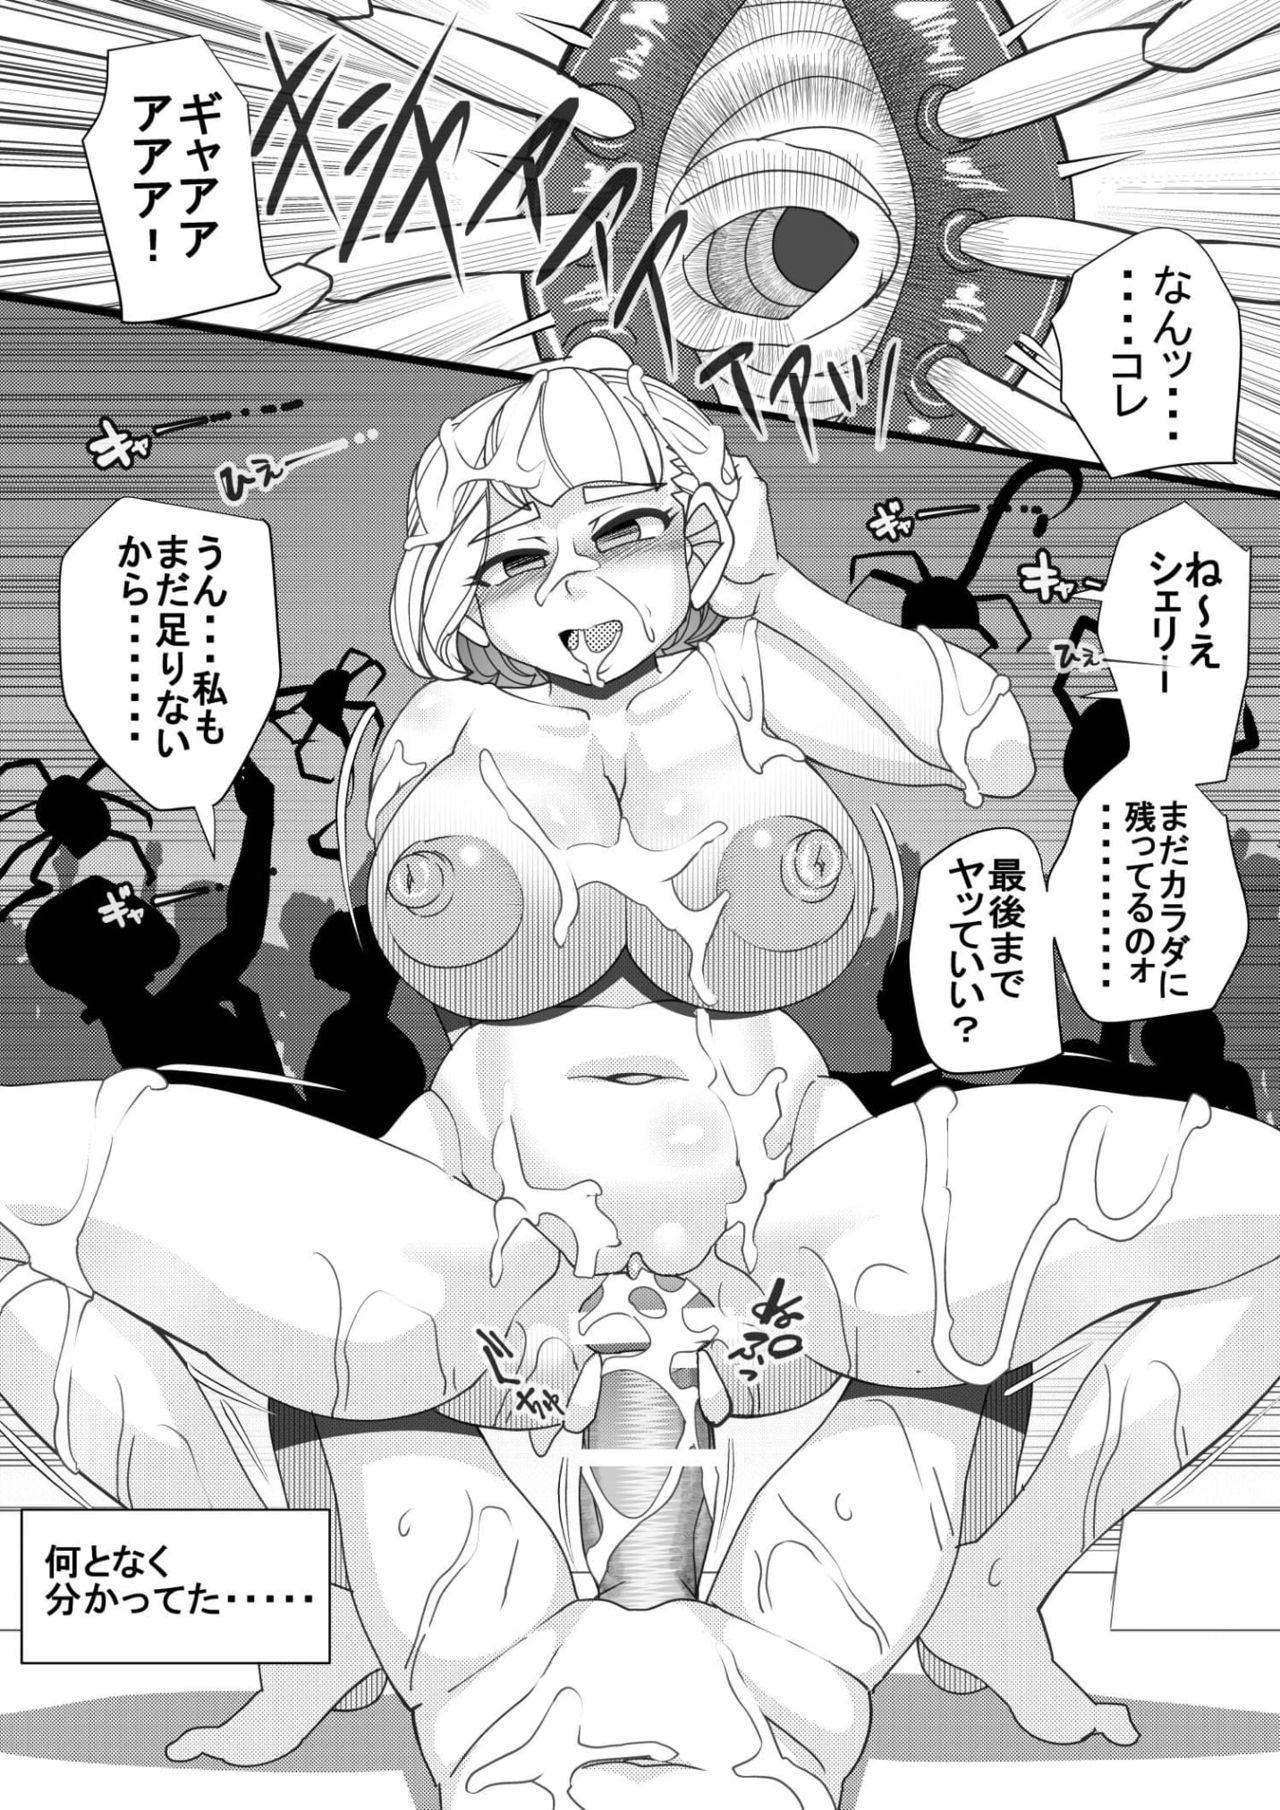 Seisyoku Saigai 5 23